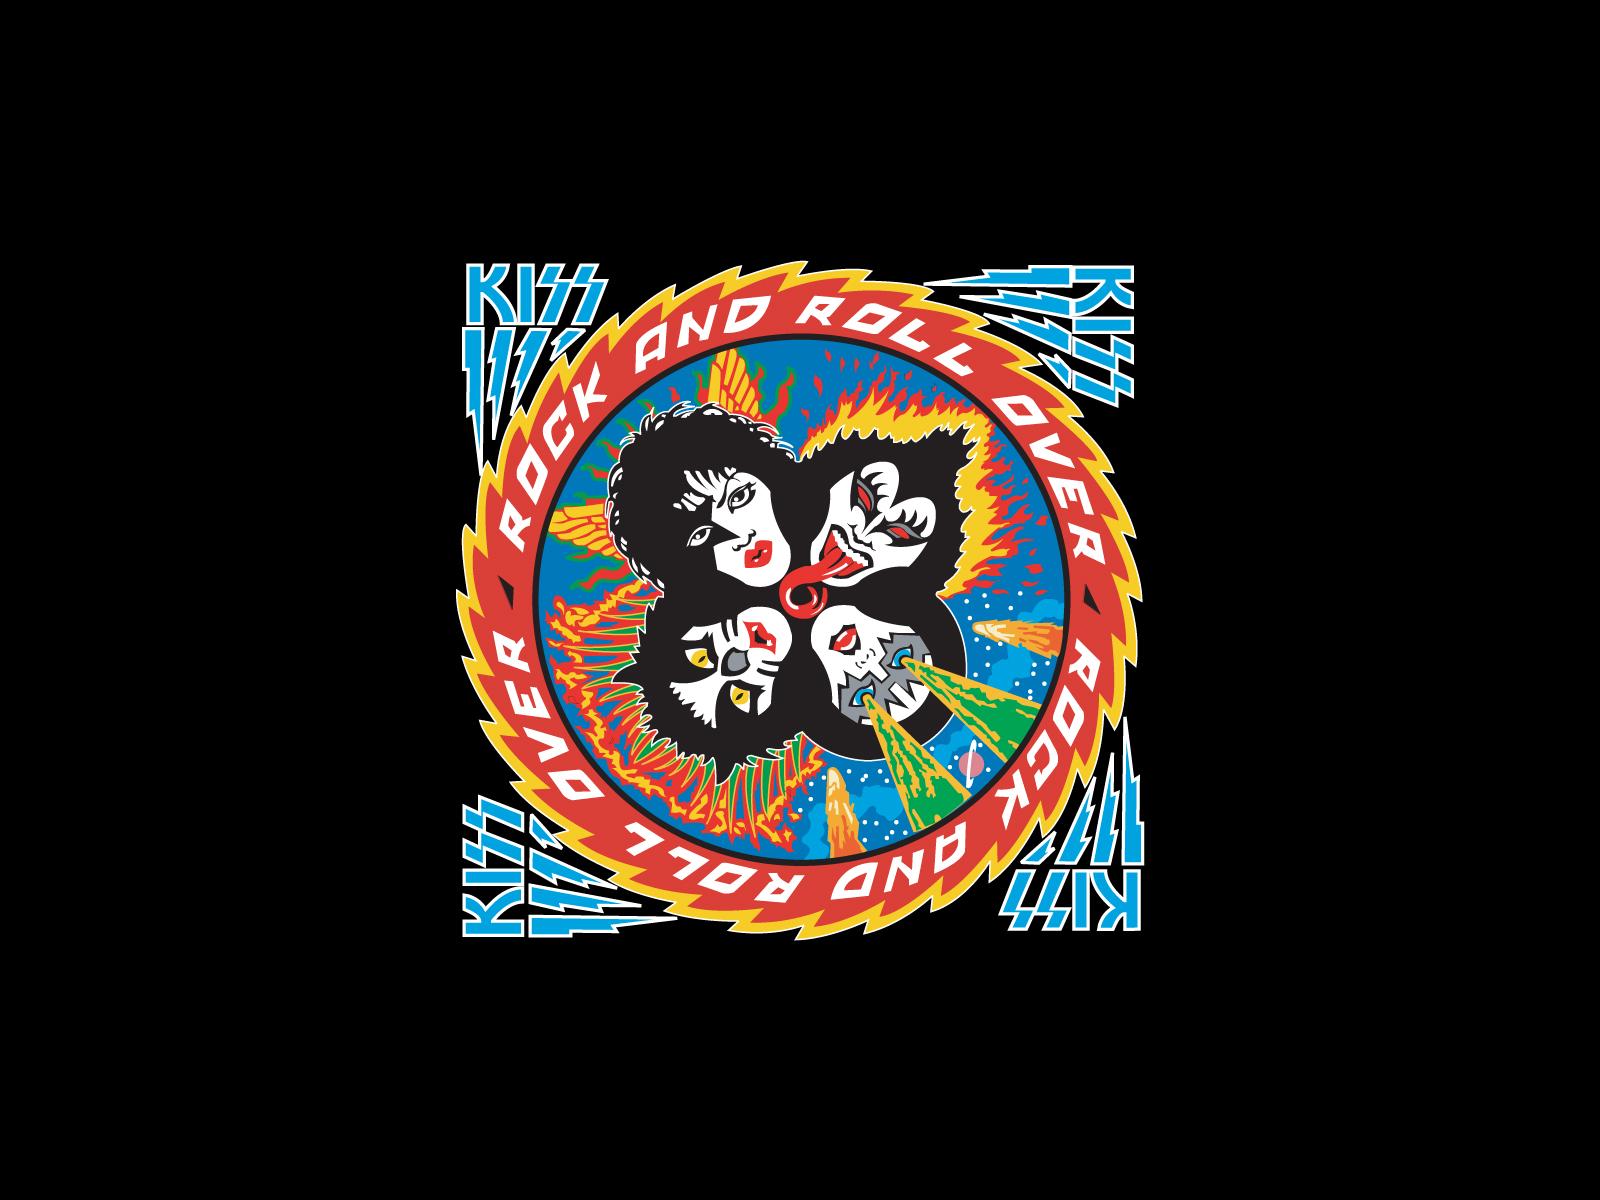 Kiss band logo and wallpaper Band logos   Rock band logos metal 1600x1200